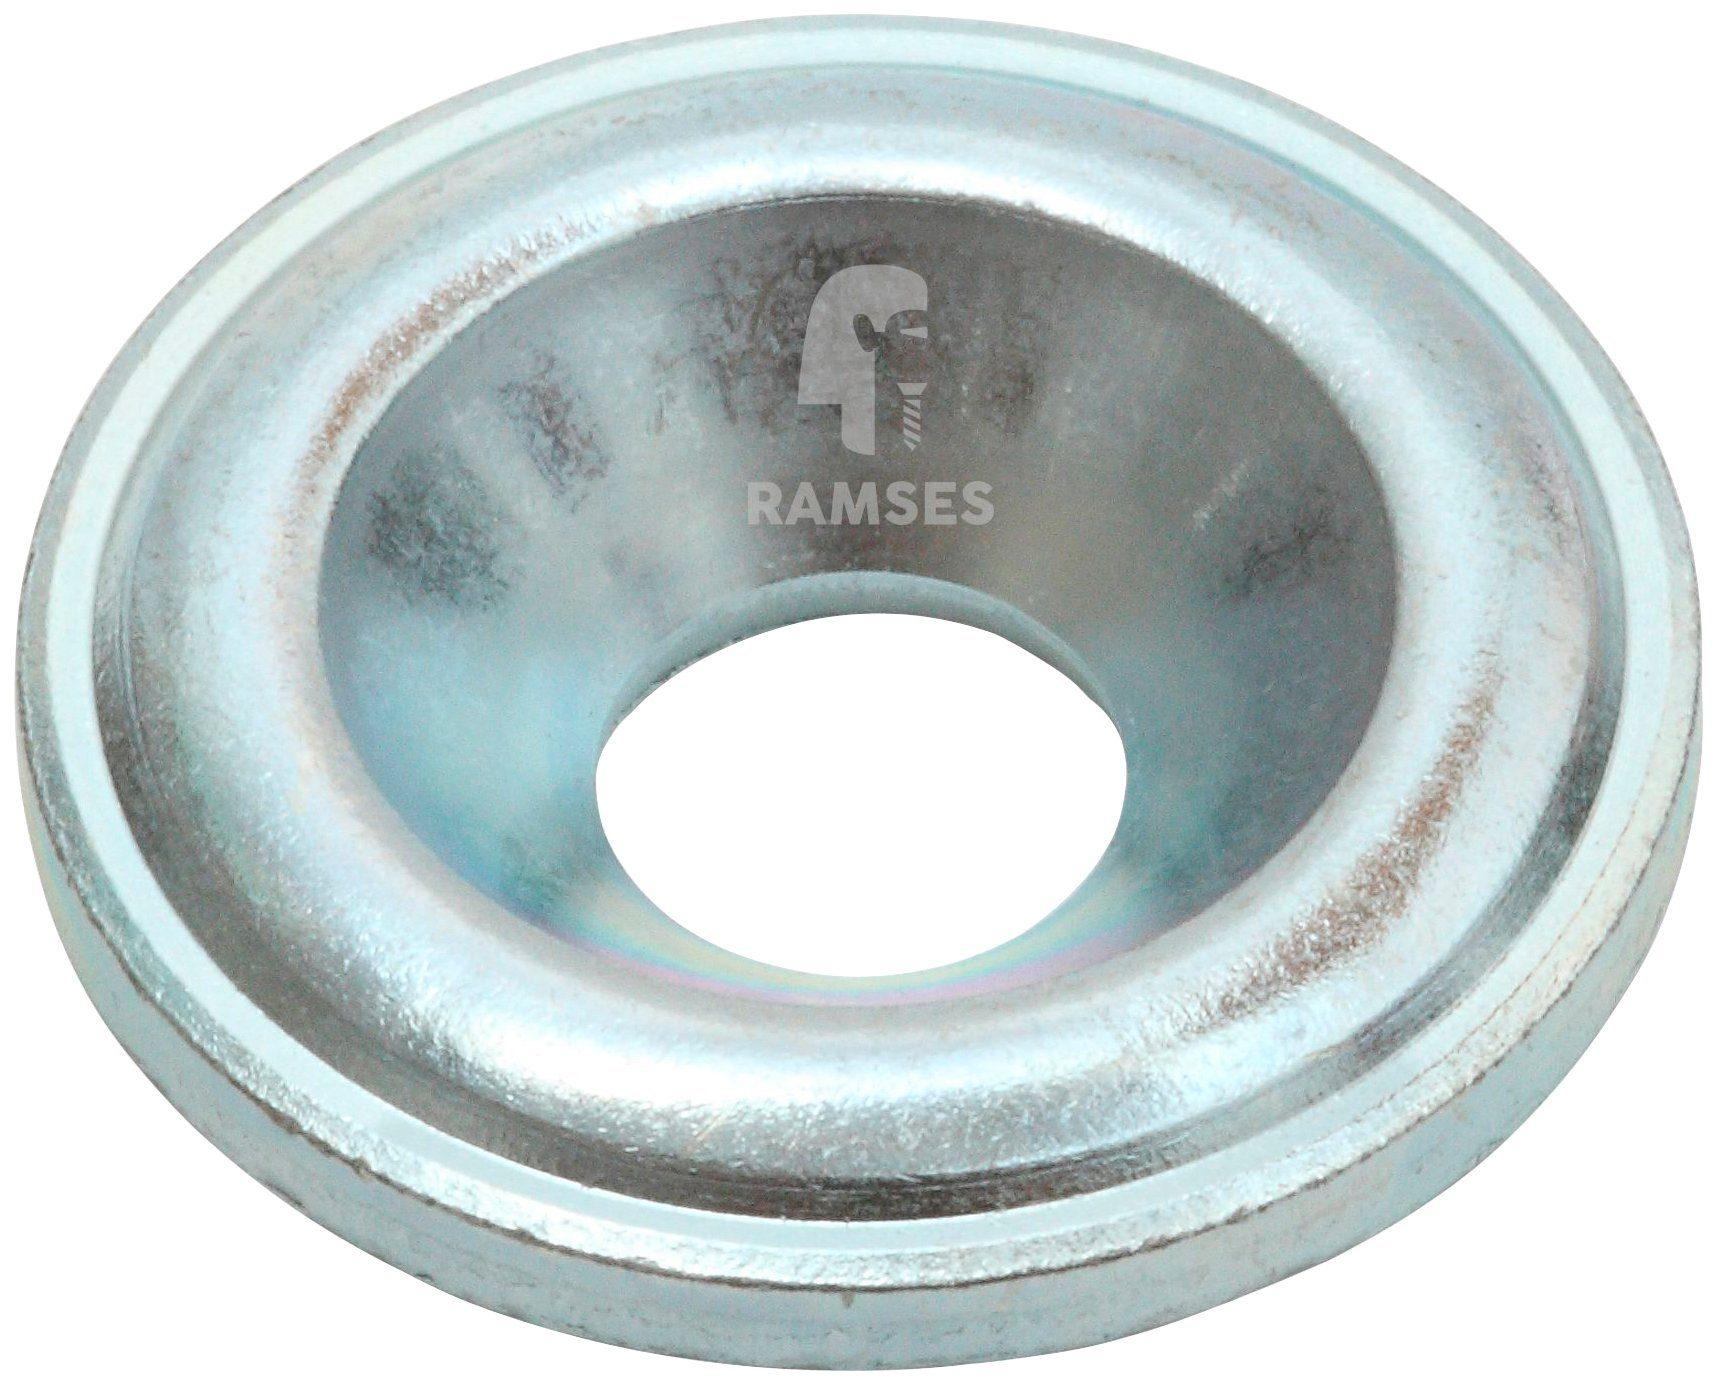 RAMSES Senkscheibe , für Holzbauschrauben 10 mm Stahl blau verzinkt 50 Stück